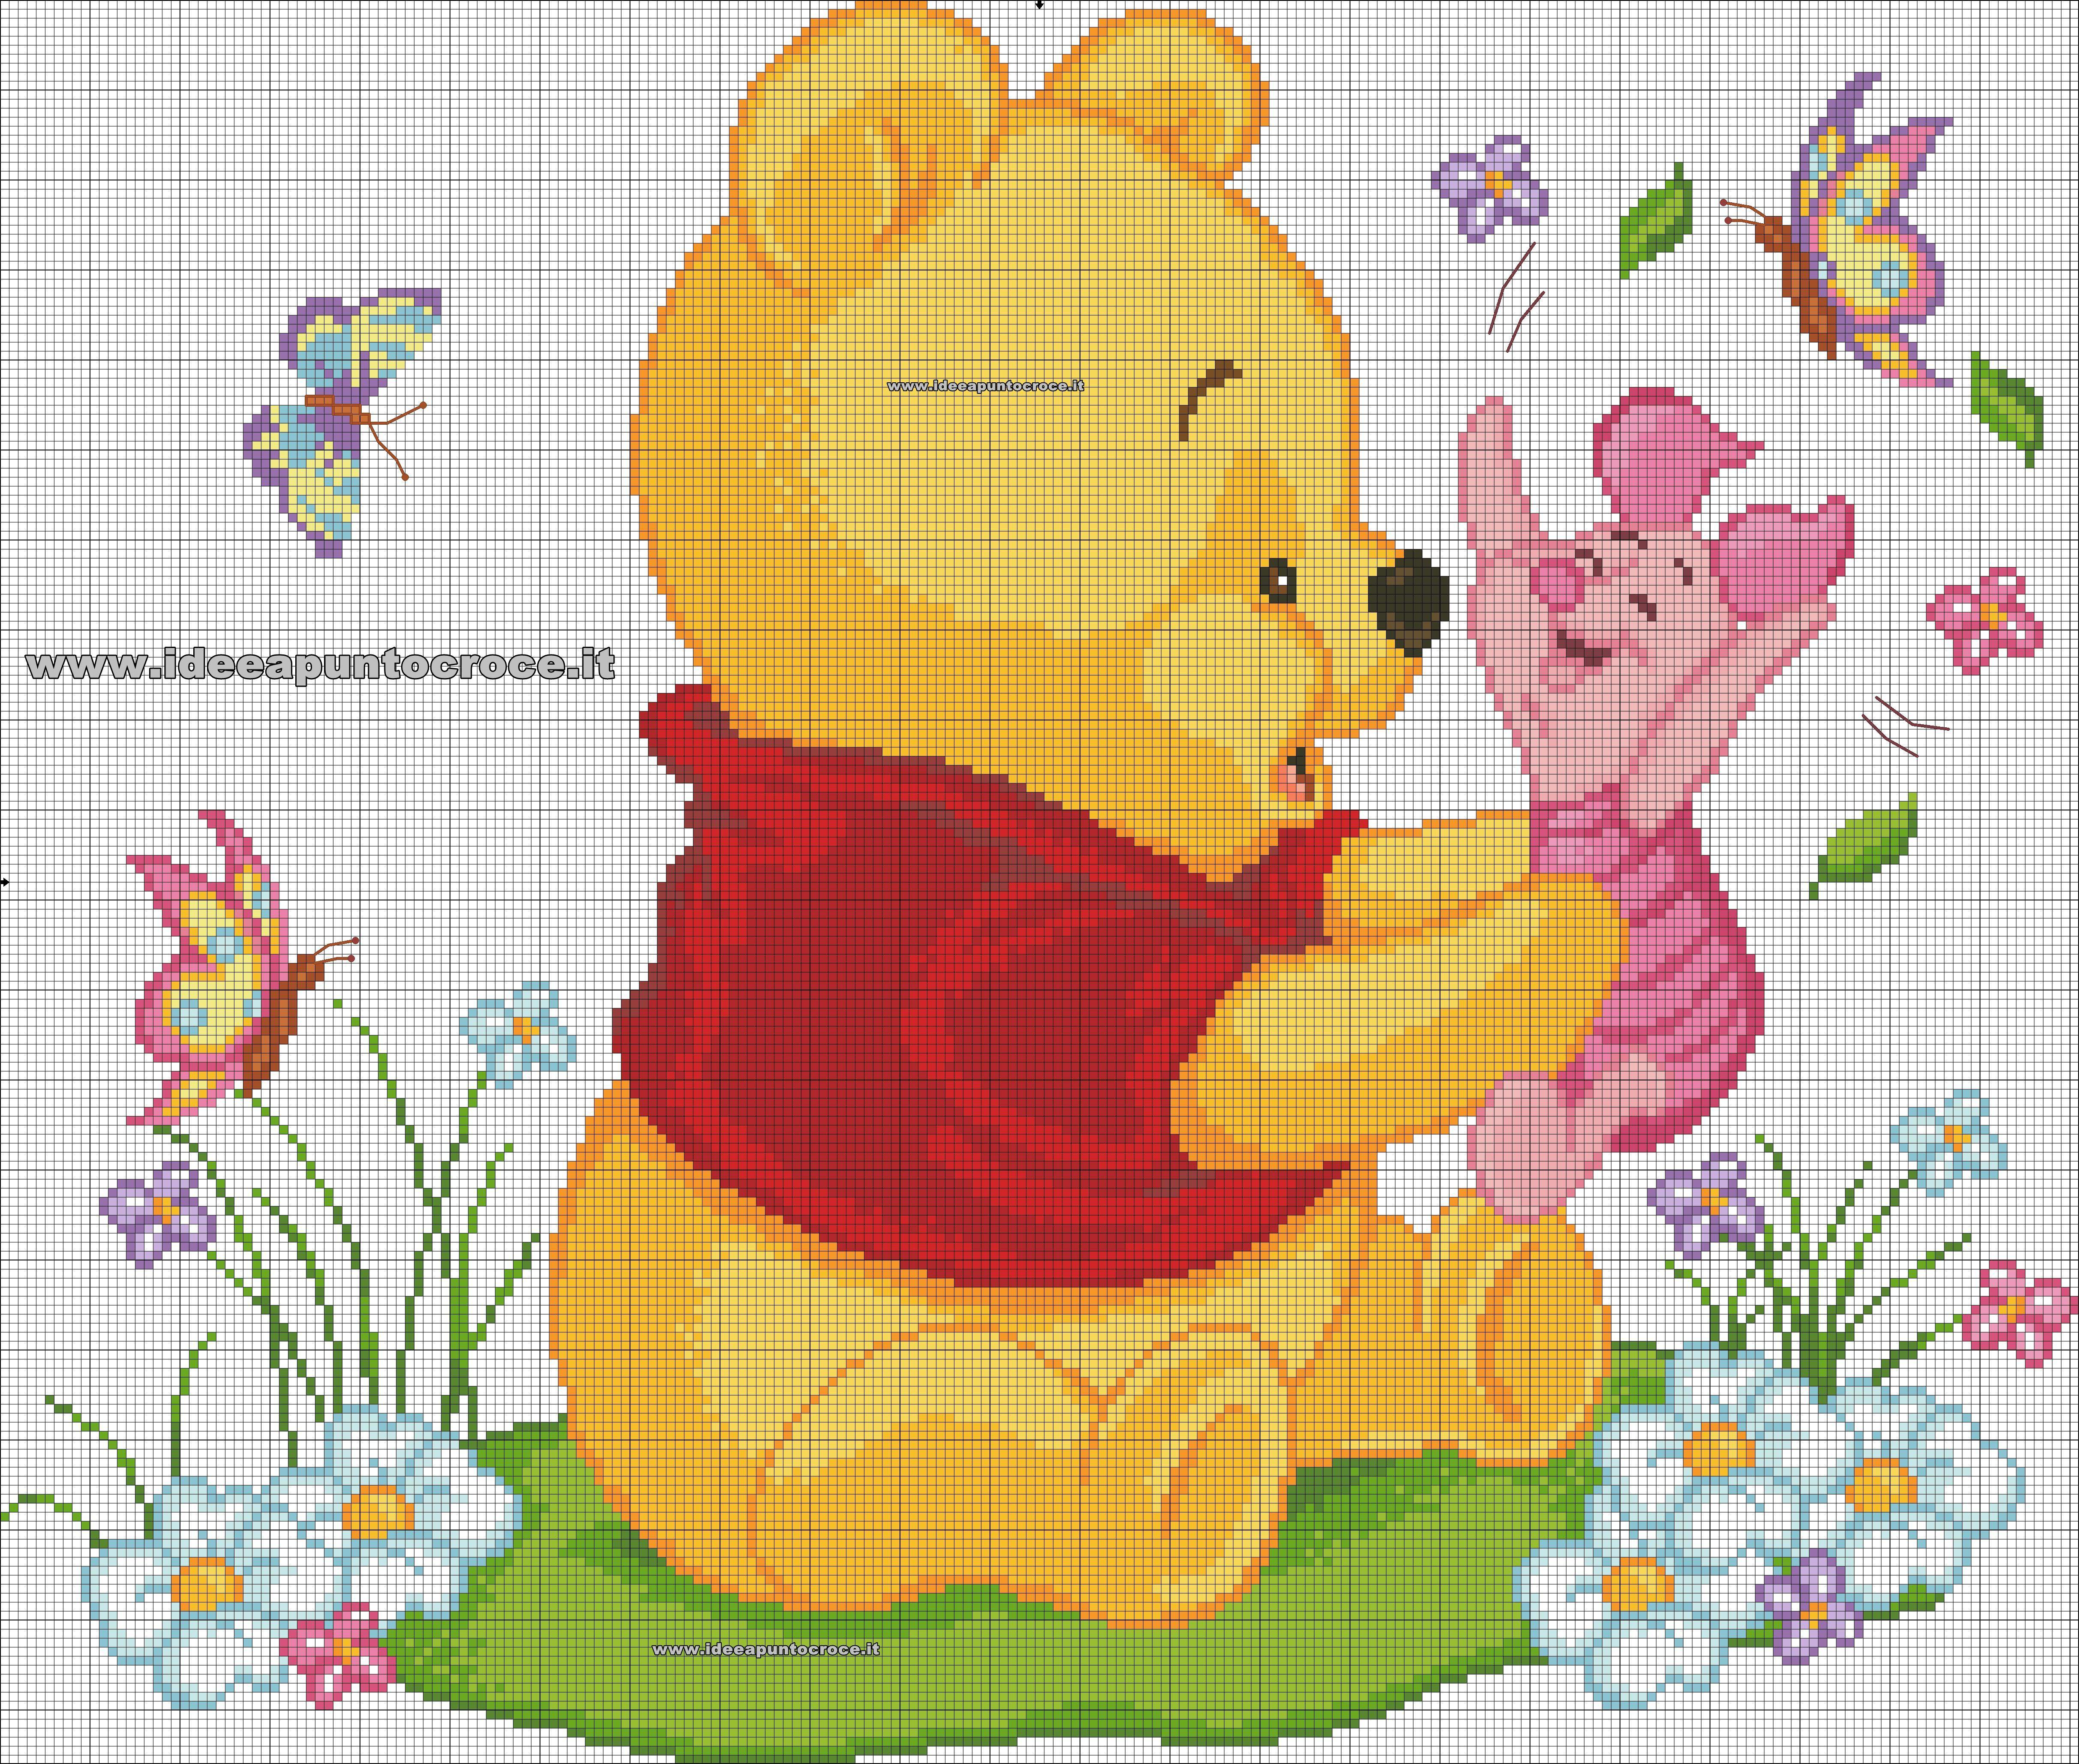 Schema punto croce winnie the pooh dessin letras em for Punto croce disney winnie the pooh